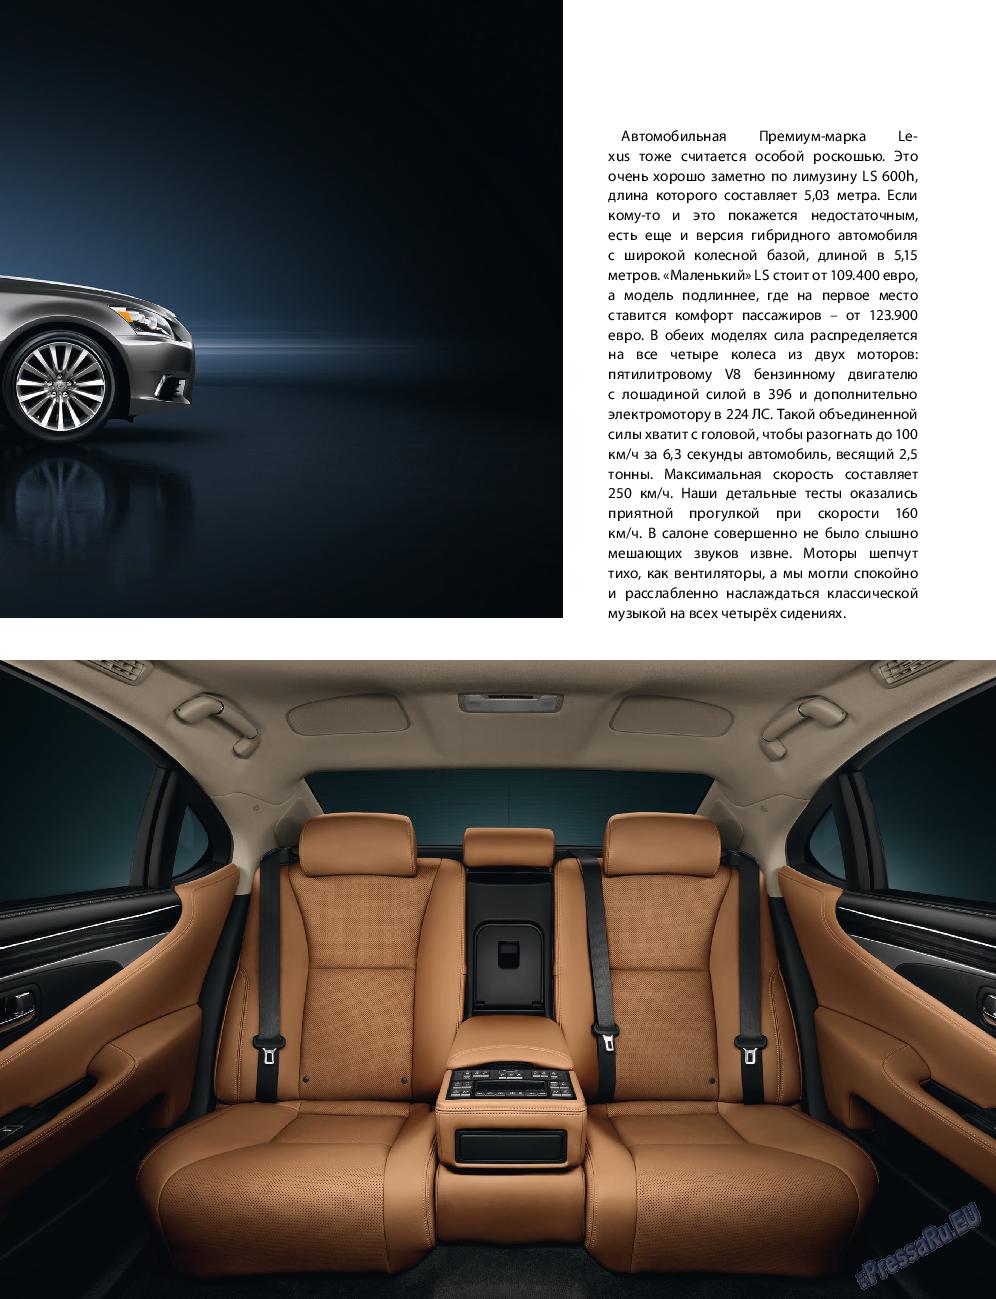 Клан (журнал). 2012 год, номер 3, стр. 25